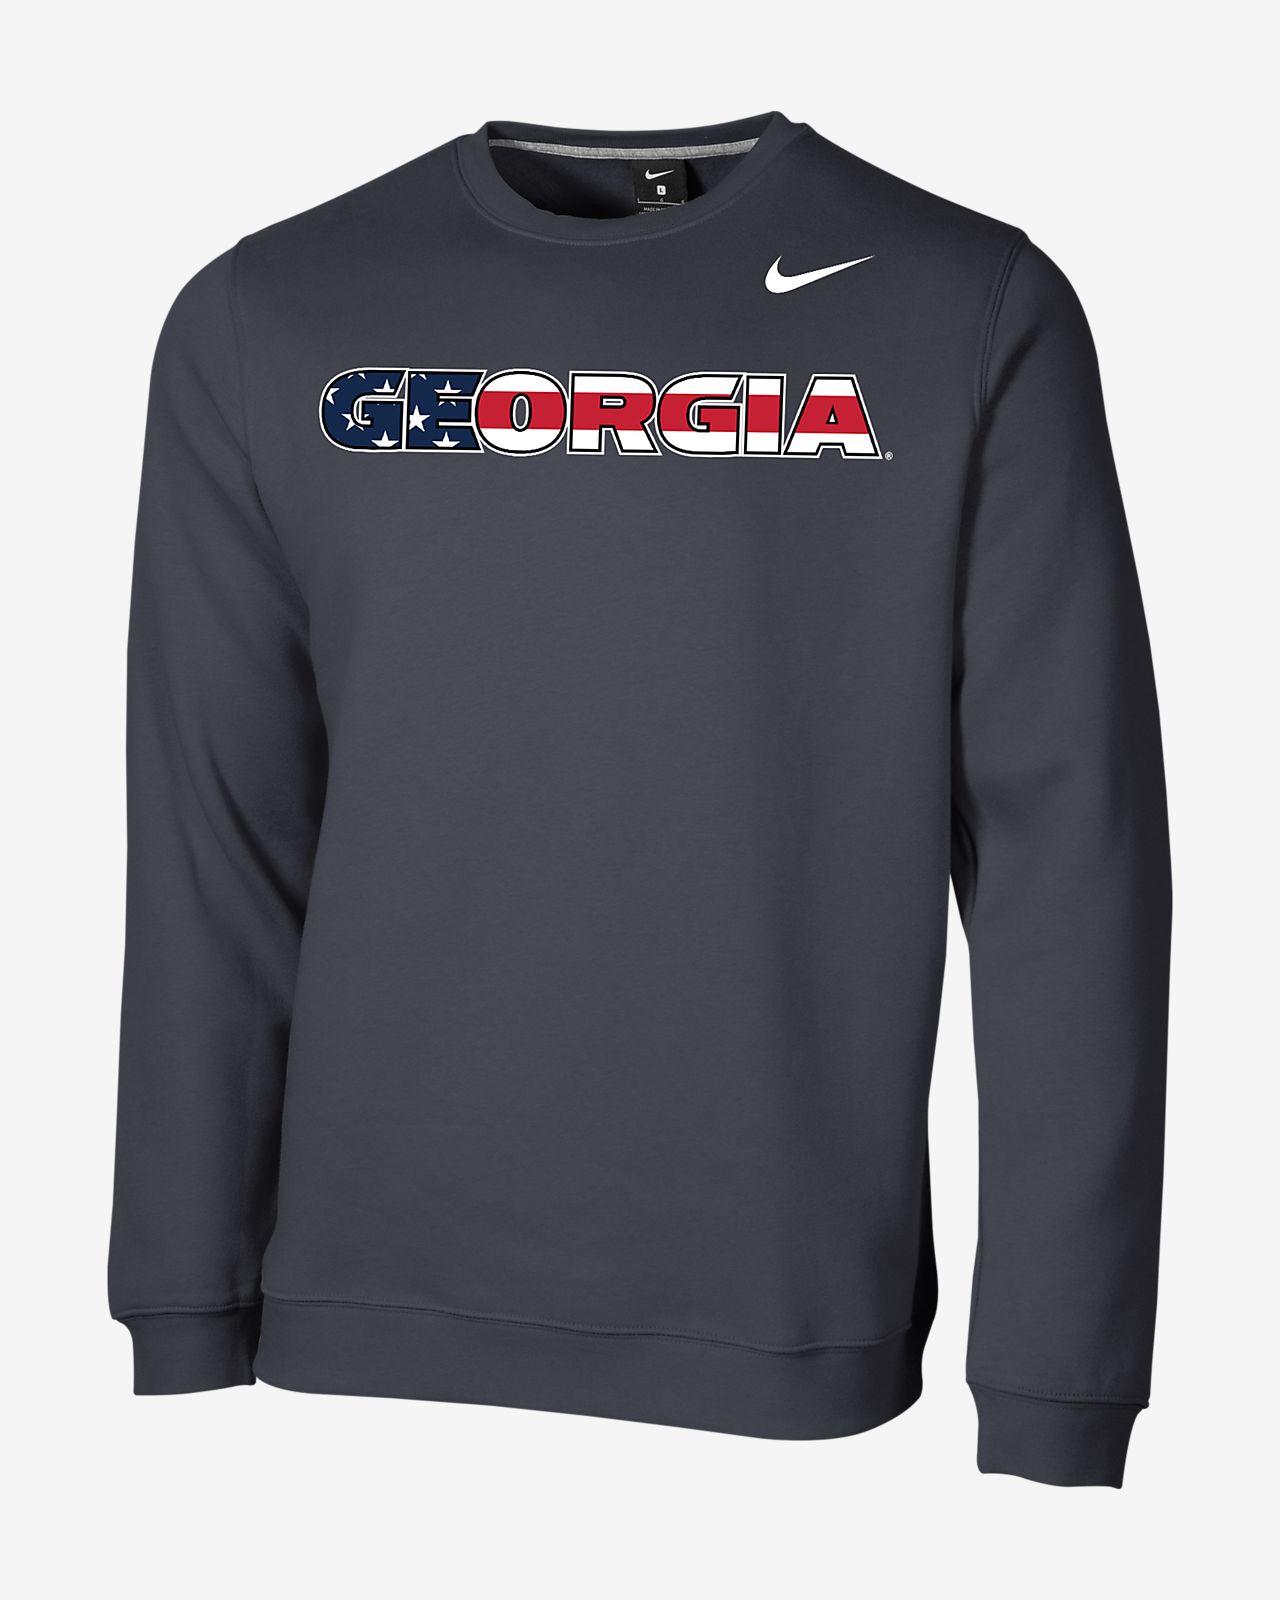 Nike College (Georgia) Men's Crew